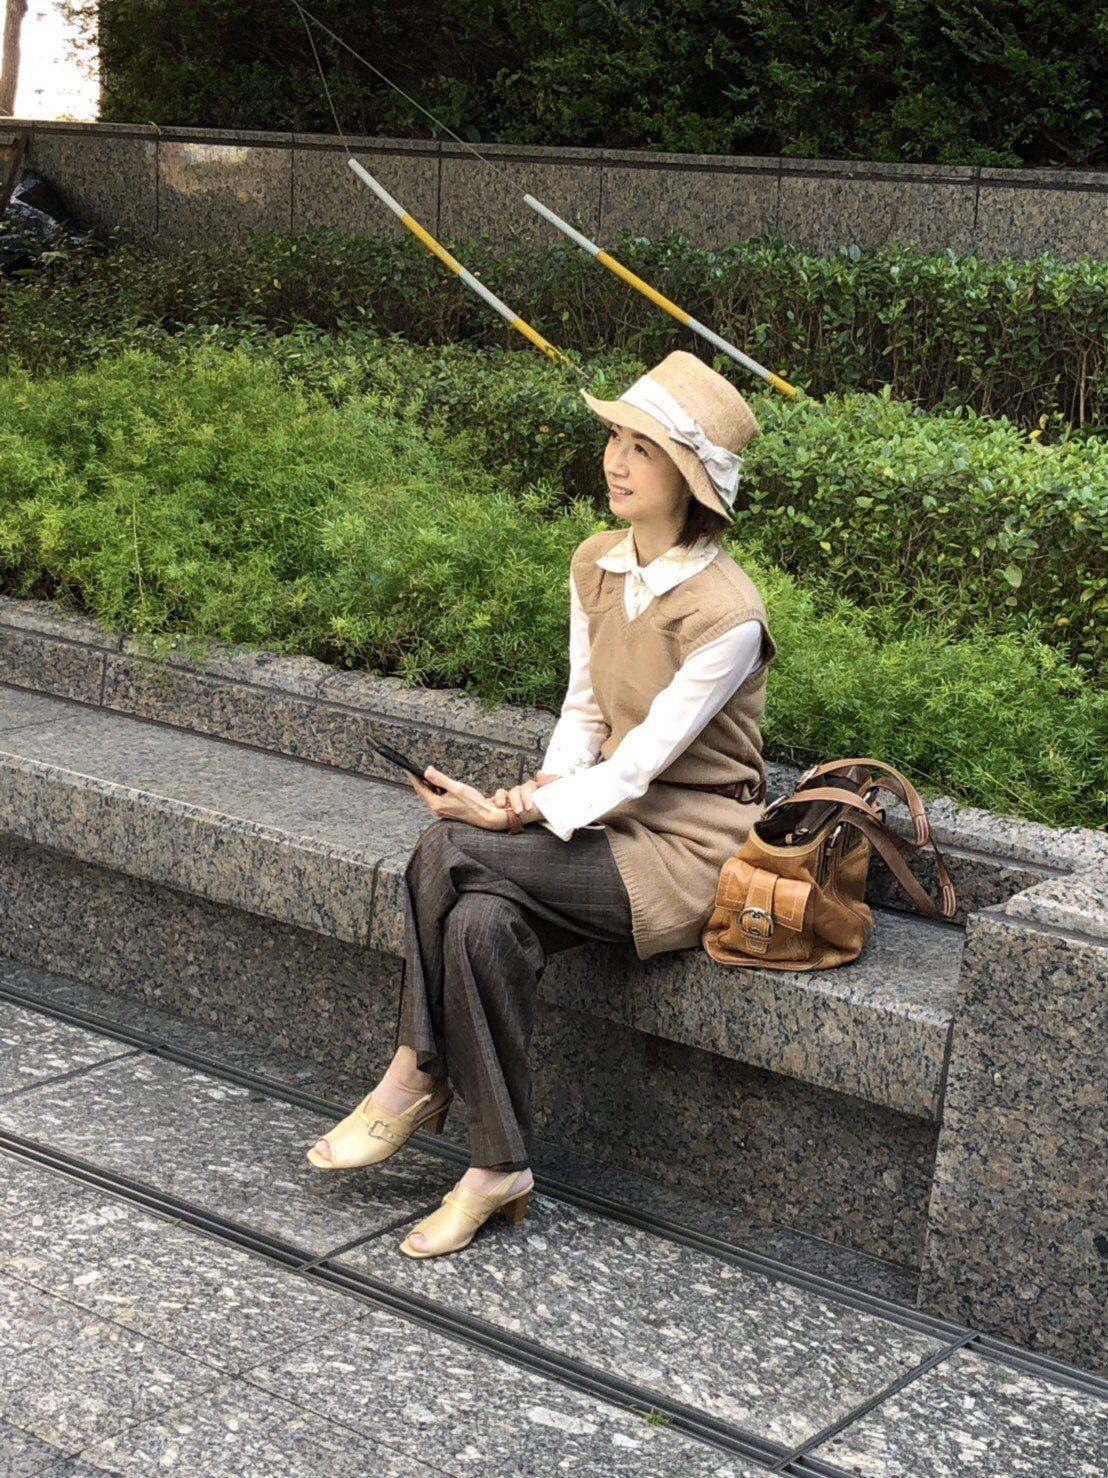 在一次徵選活動中,吳沛穎以為是志工活動就去報名,沒想到「不小心」轉職成素人模特兒...